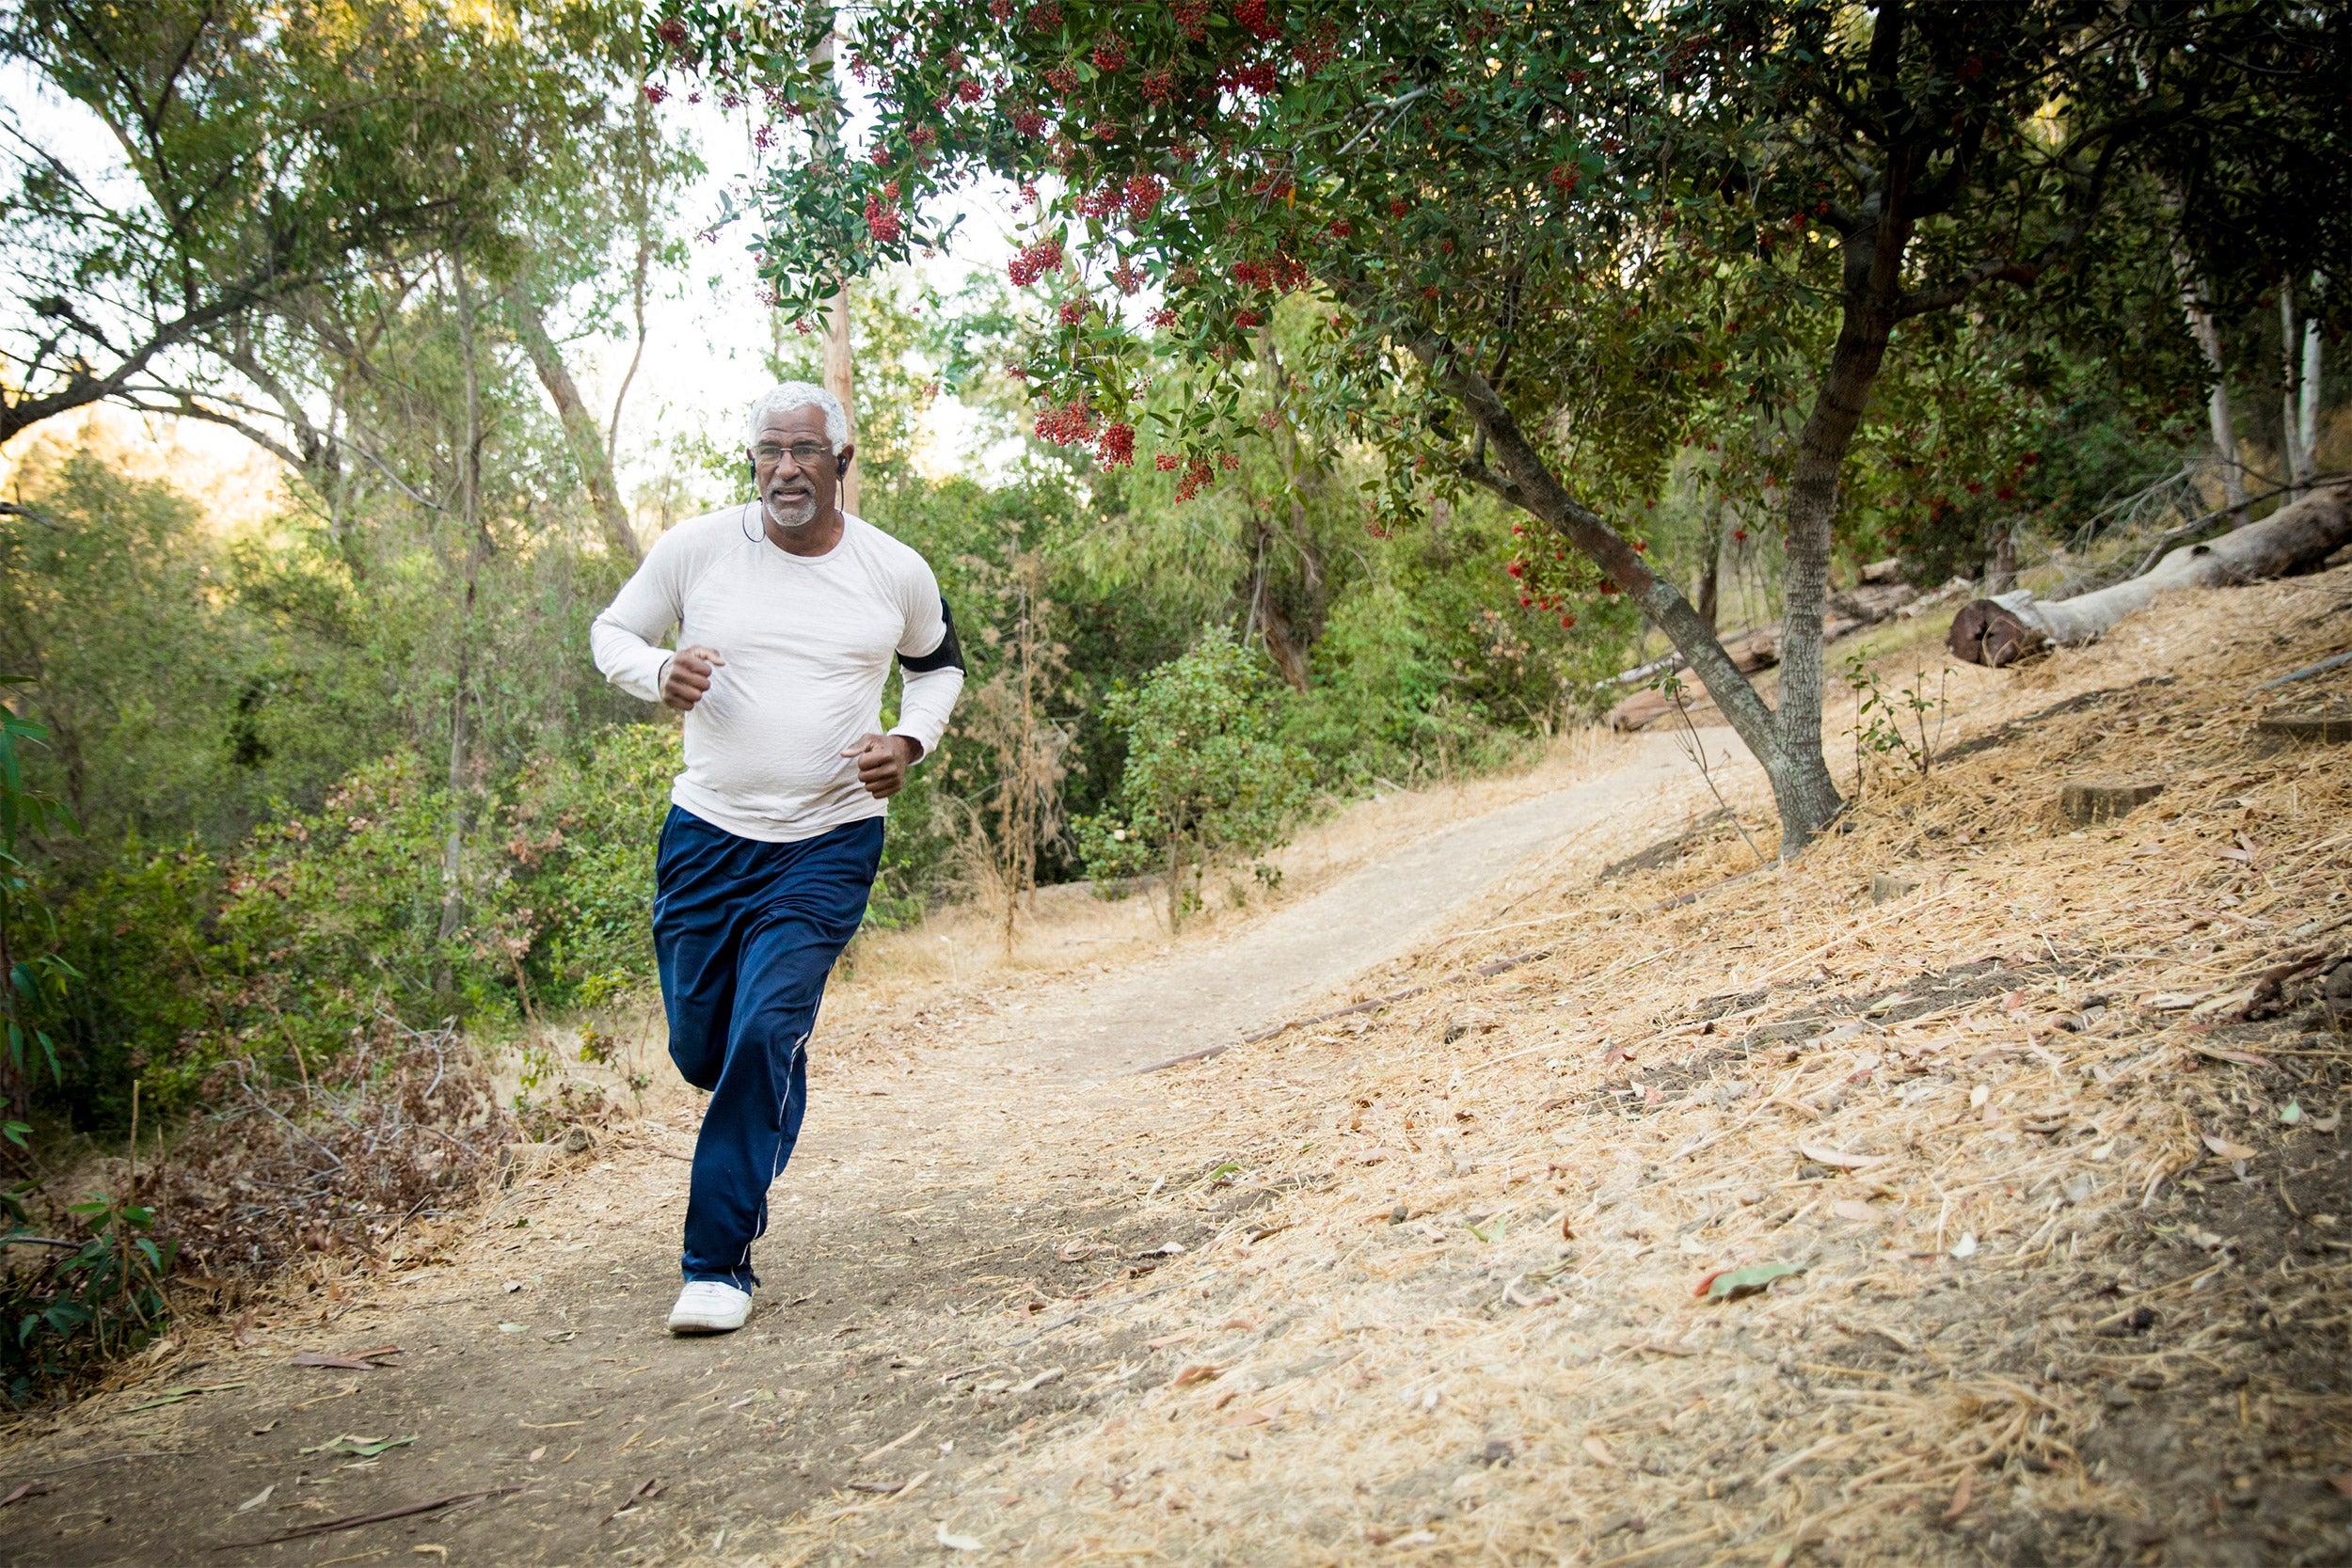 An older man jogging.